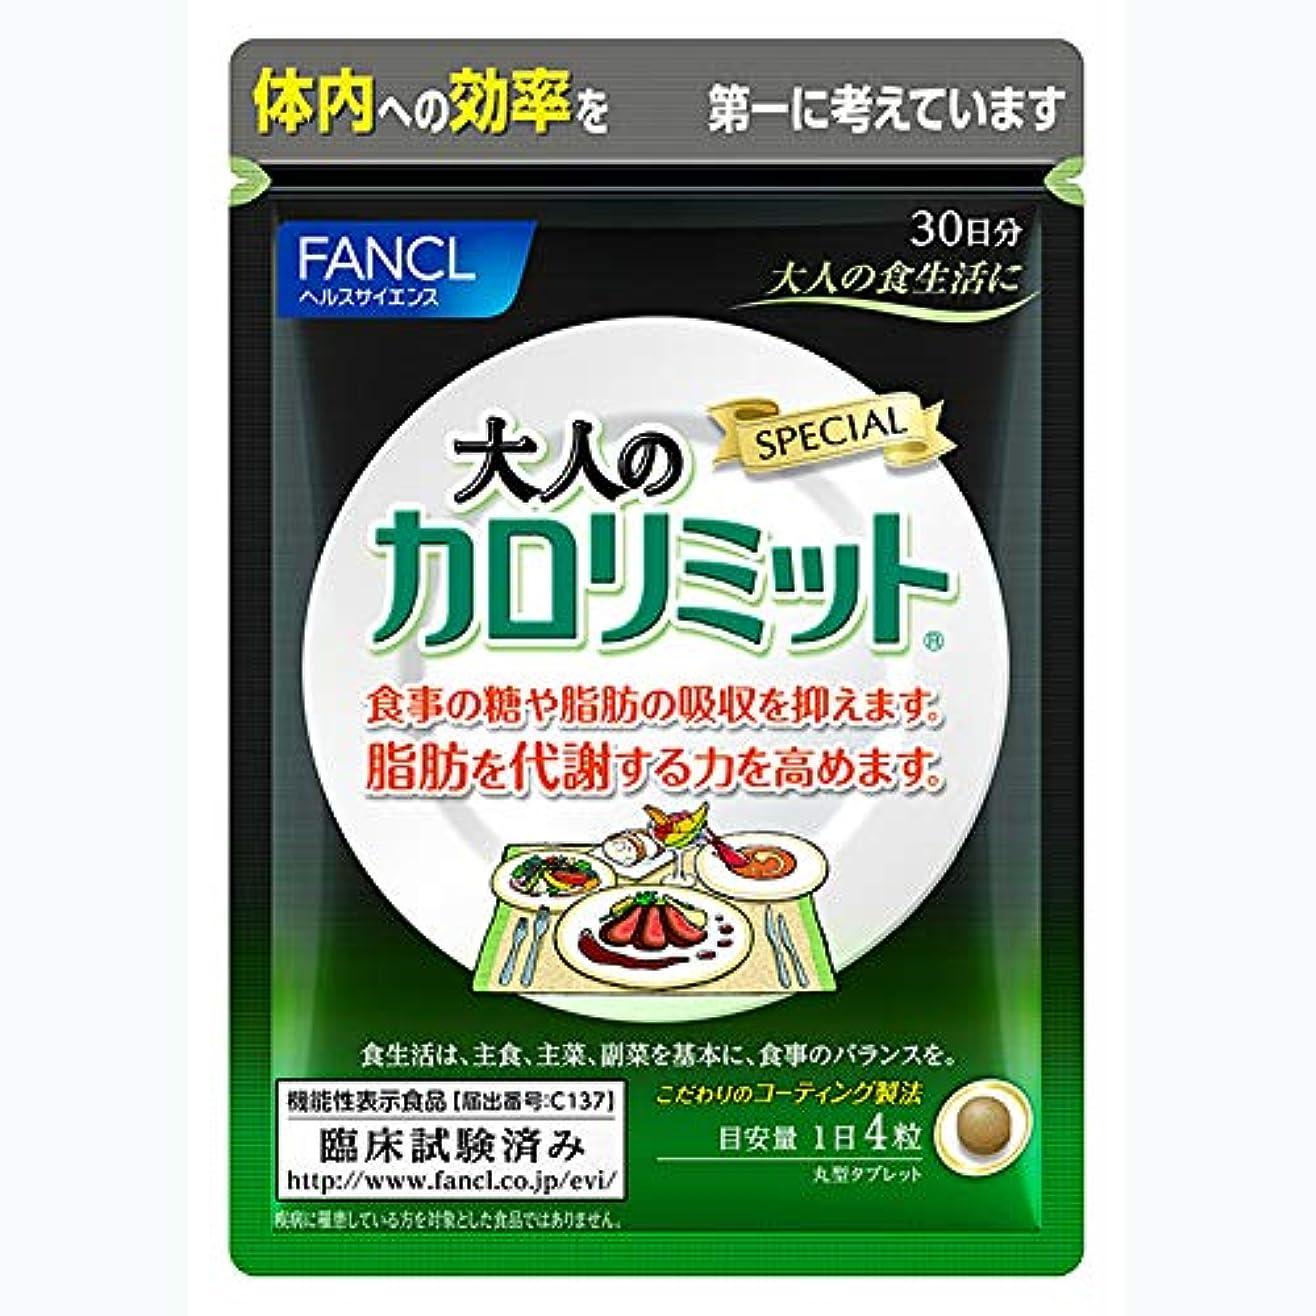 指夜明け首相ファンケル(FANCL) 大人のカロリミット [機能性表示食品] 30日分 120粒